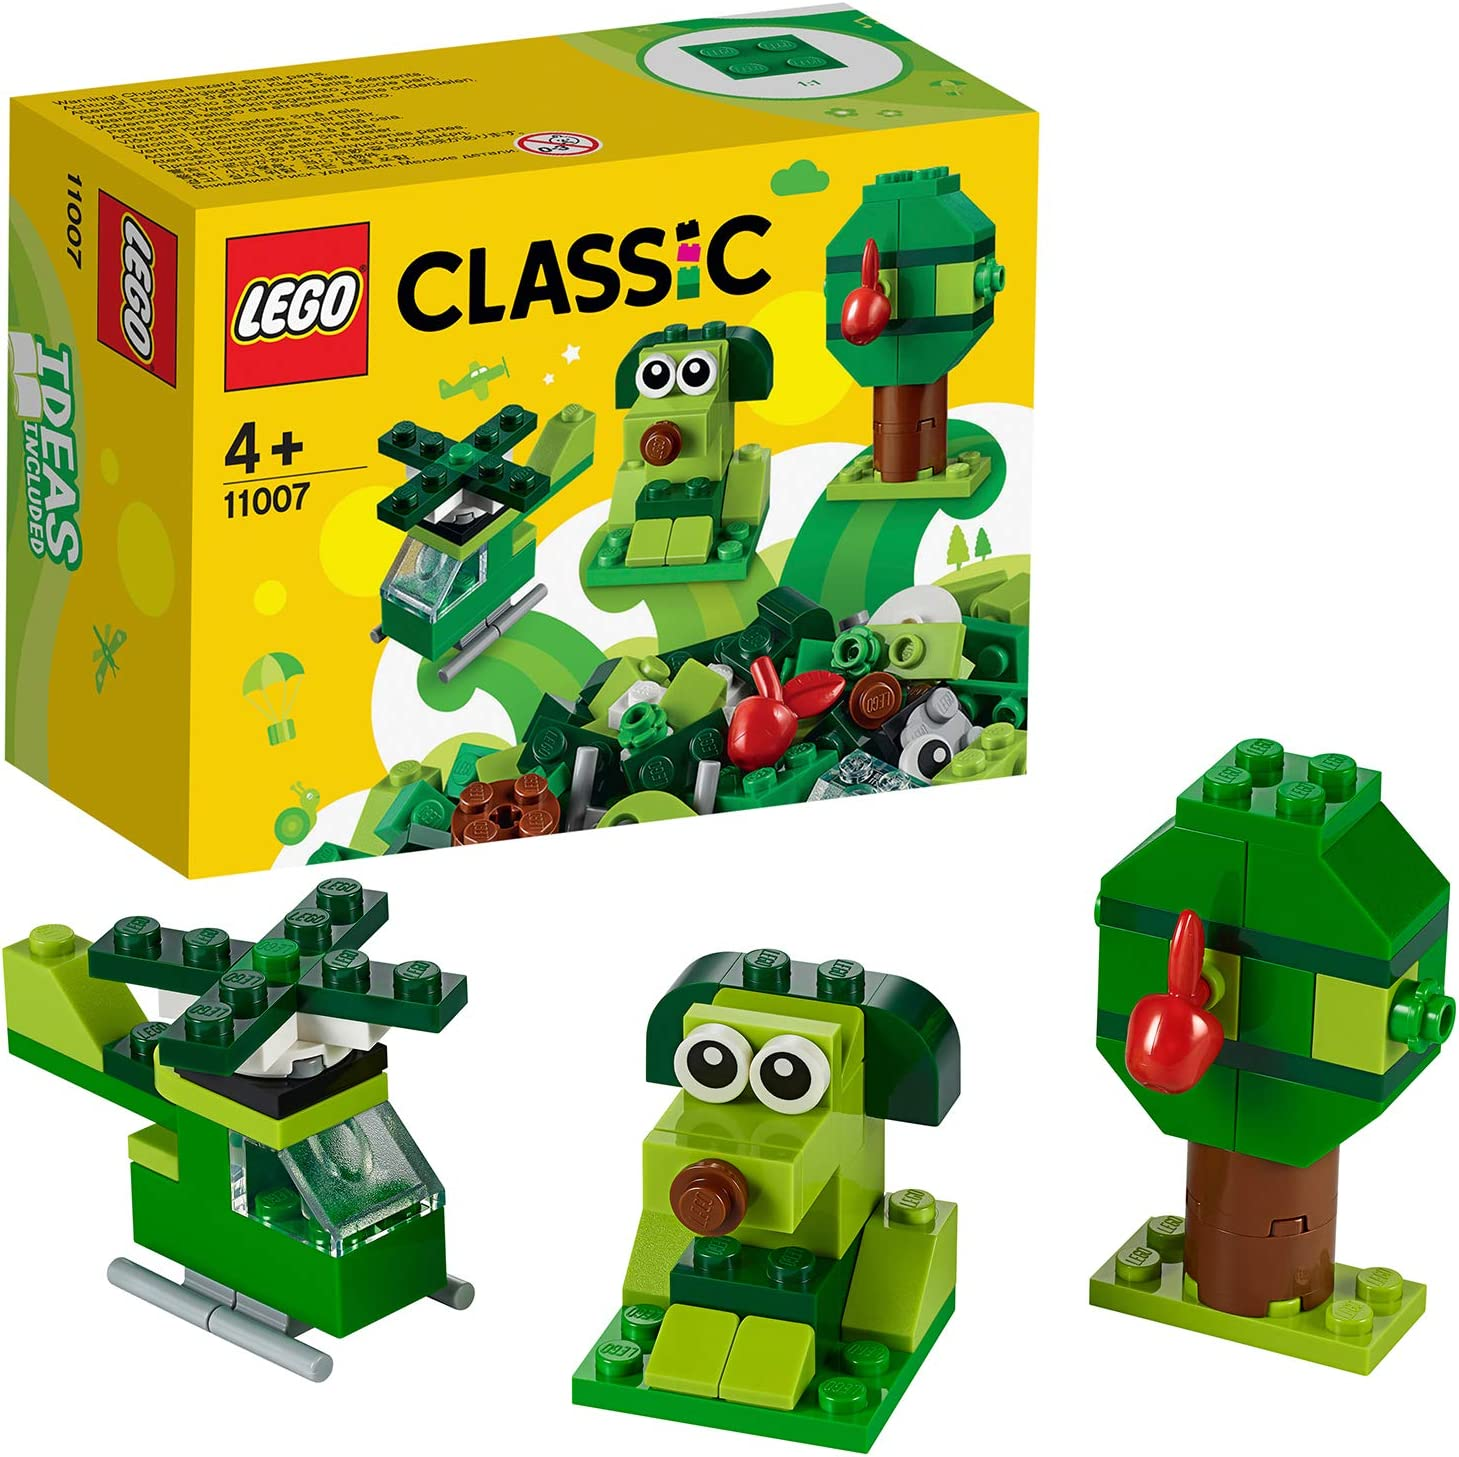 LEGO Classic - Ladrillos Creativos Verdes, Set de Construcción con Ladrillos de Colores de Juguete para Desarrollar la Imaginación (11007): Amazon.es: Juguetes y juegos